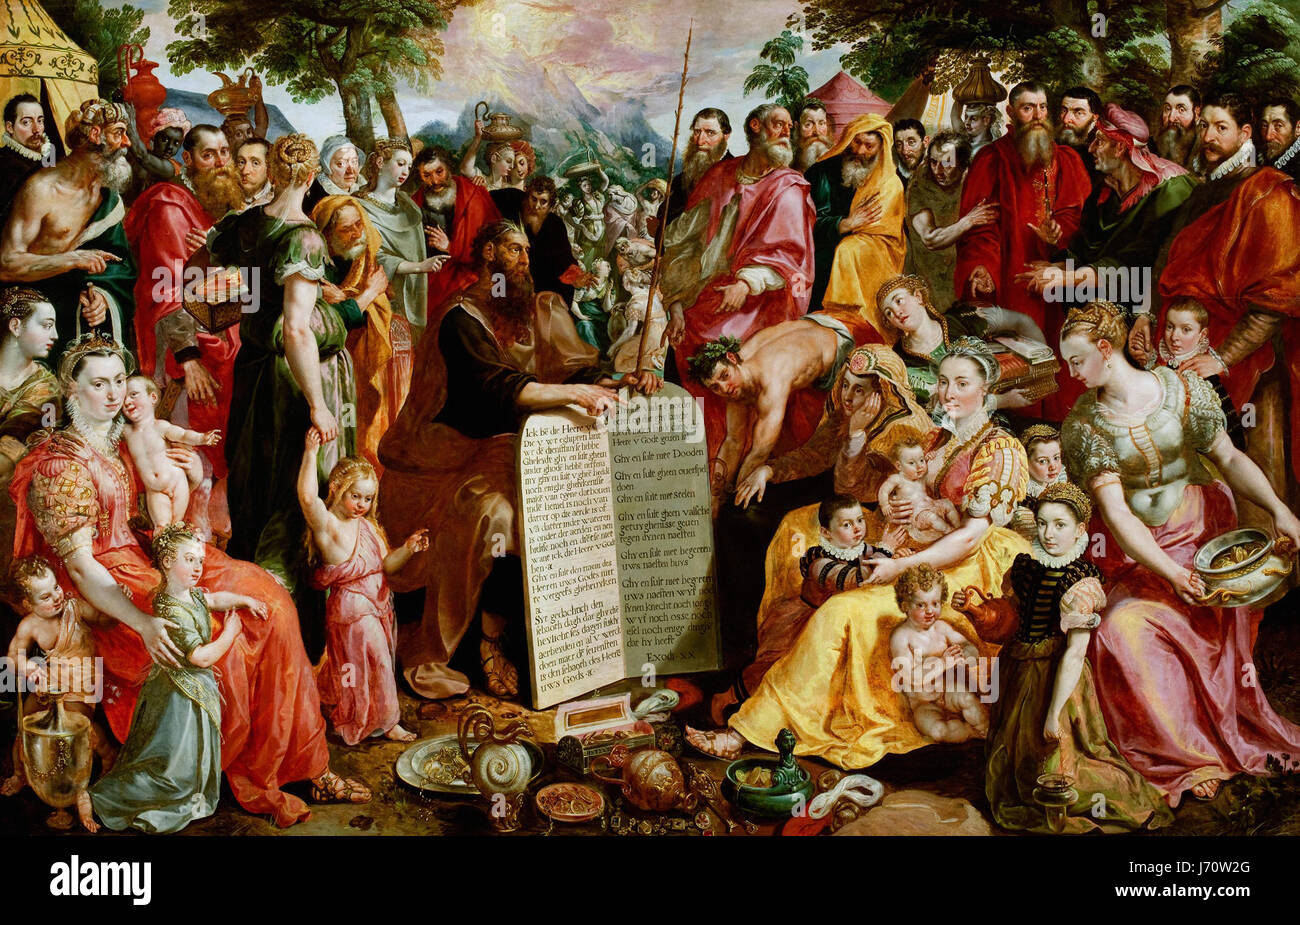 Maerten de Vos Moïse présentant les tables de la loi aux Israélites, avec des Portraits de membres de la famille Panhuys, leurs parents et amis Banque D'Images